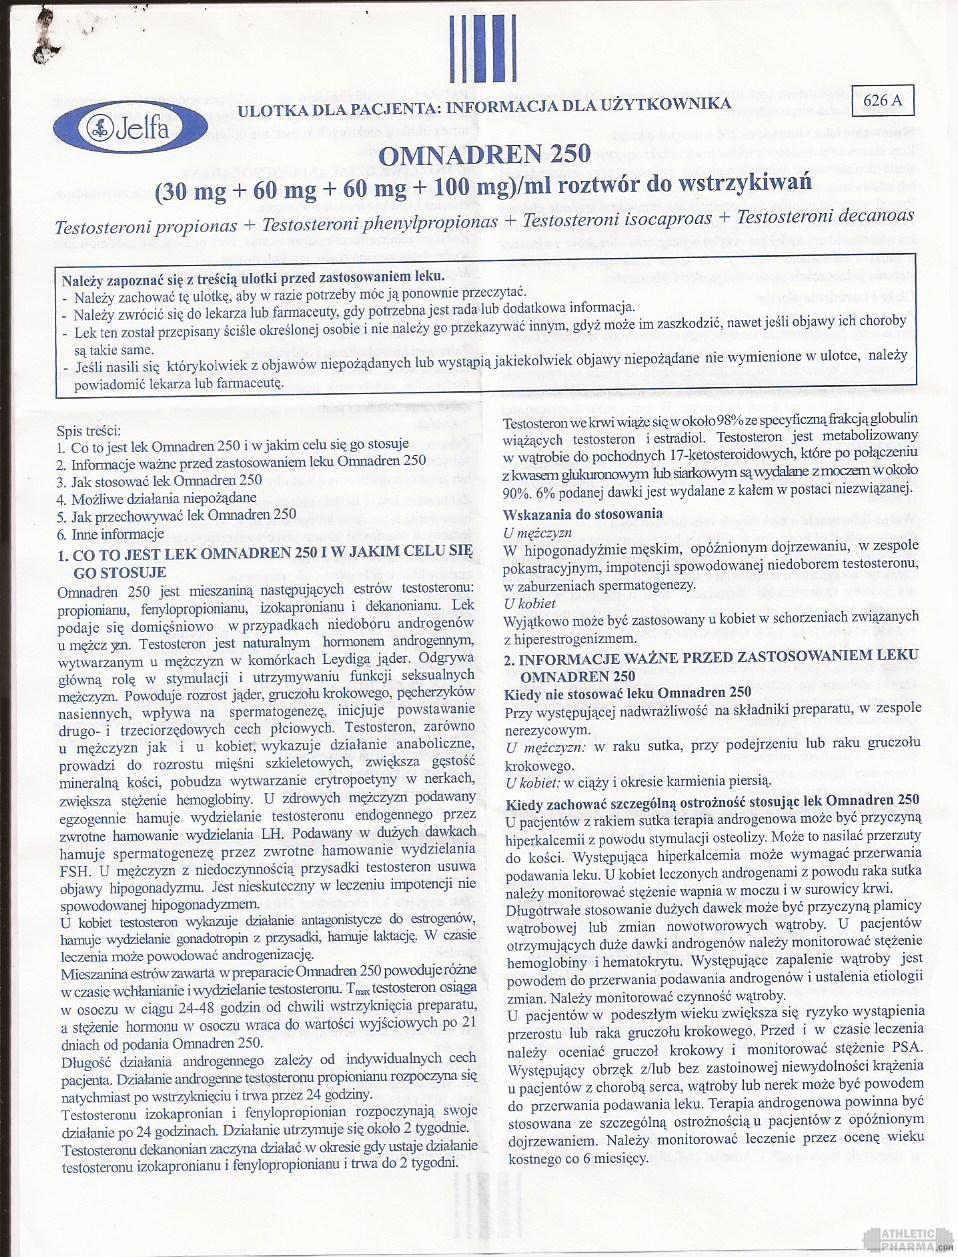 Omnadren 250 инструкция-1 (вкладыш)